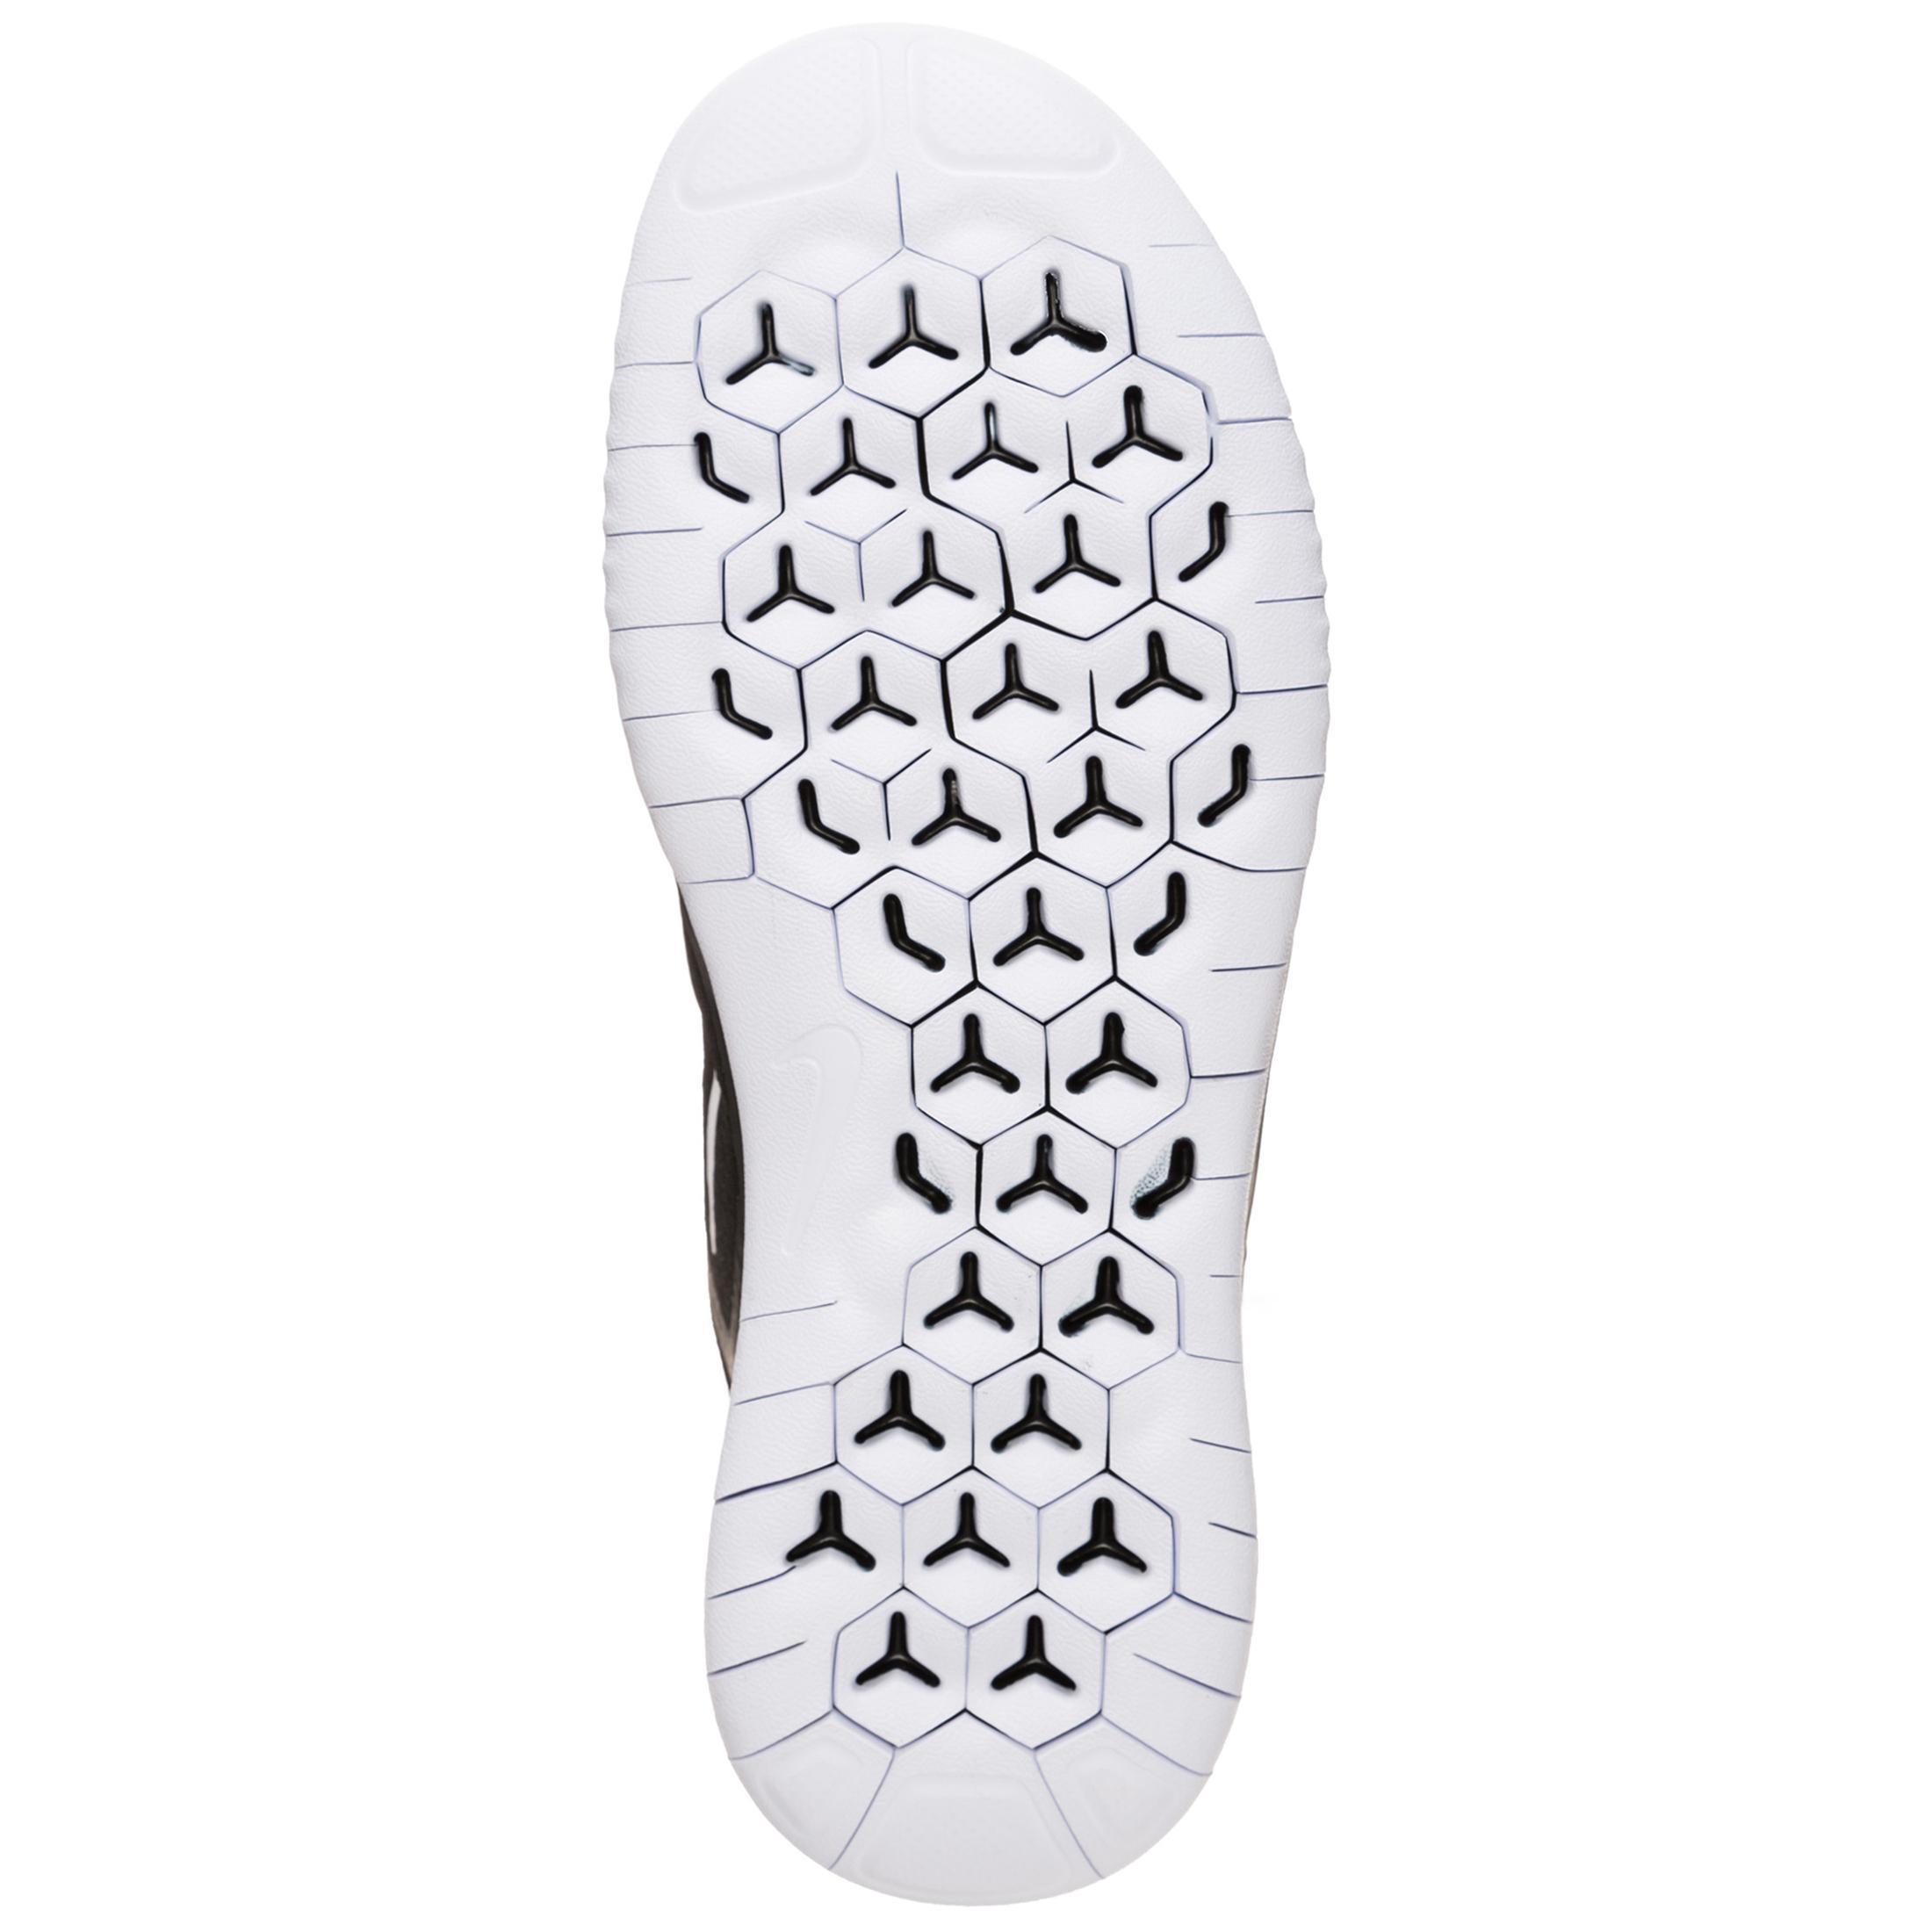 Nike Free RN 2018 Laufschuhe Damen schwarz   weiß weiß weiß im Online Shop von SportScheck kaufen Gute Qualität beliebte Schuhe dfa7ae